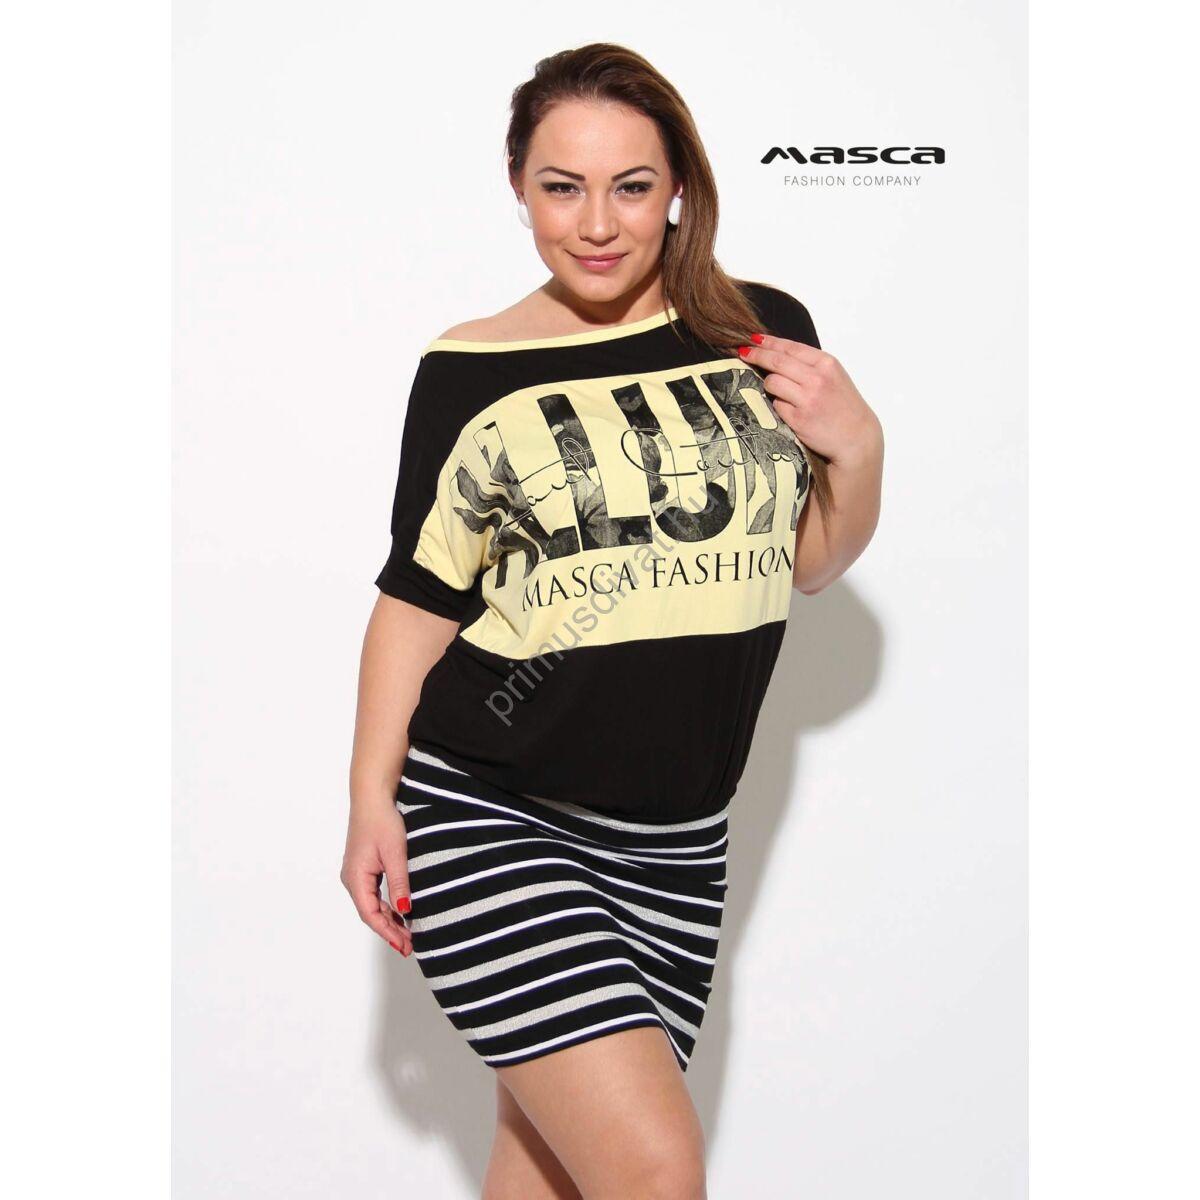 bdc5ef9951 Kép 1/1 - Masca Fashion csónaknyakú, rövid denevérujjú lurexes fehér csíkos  szoknyarészű fekete bő tunika, miniruha, vanília-sárga nyomott mintával